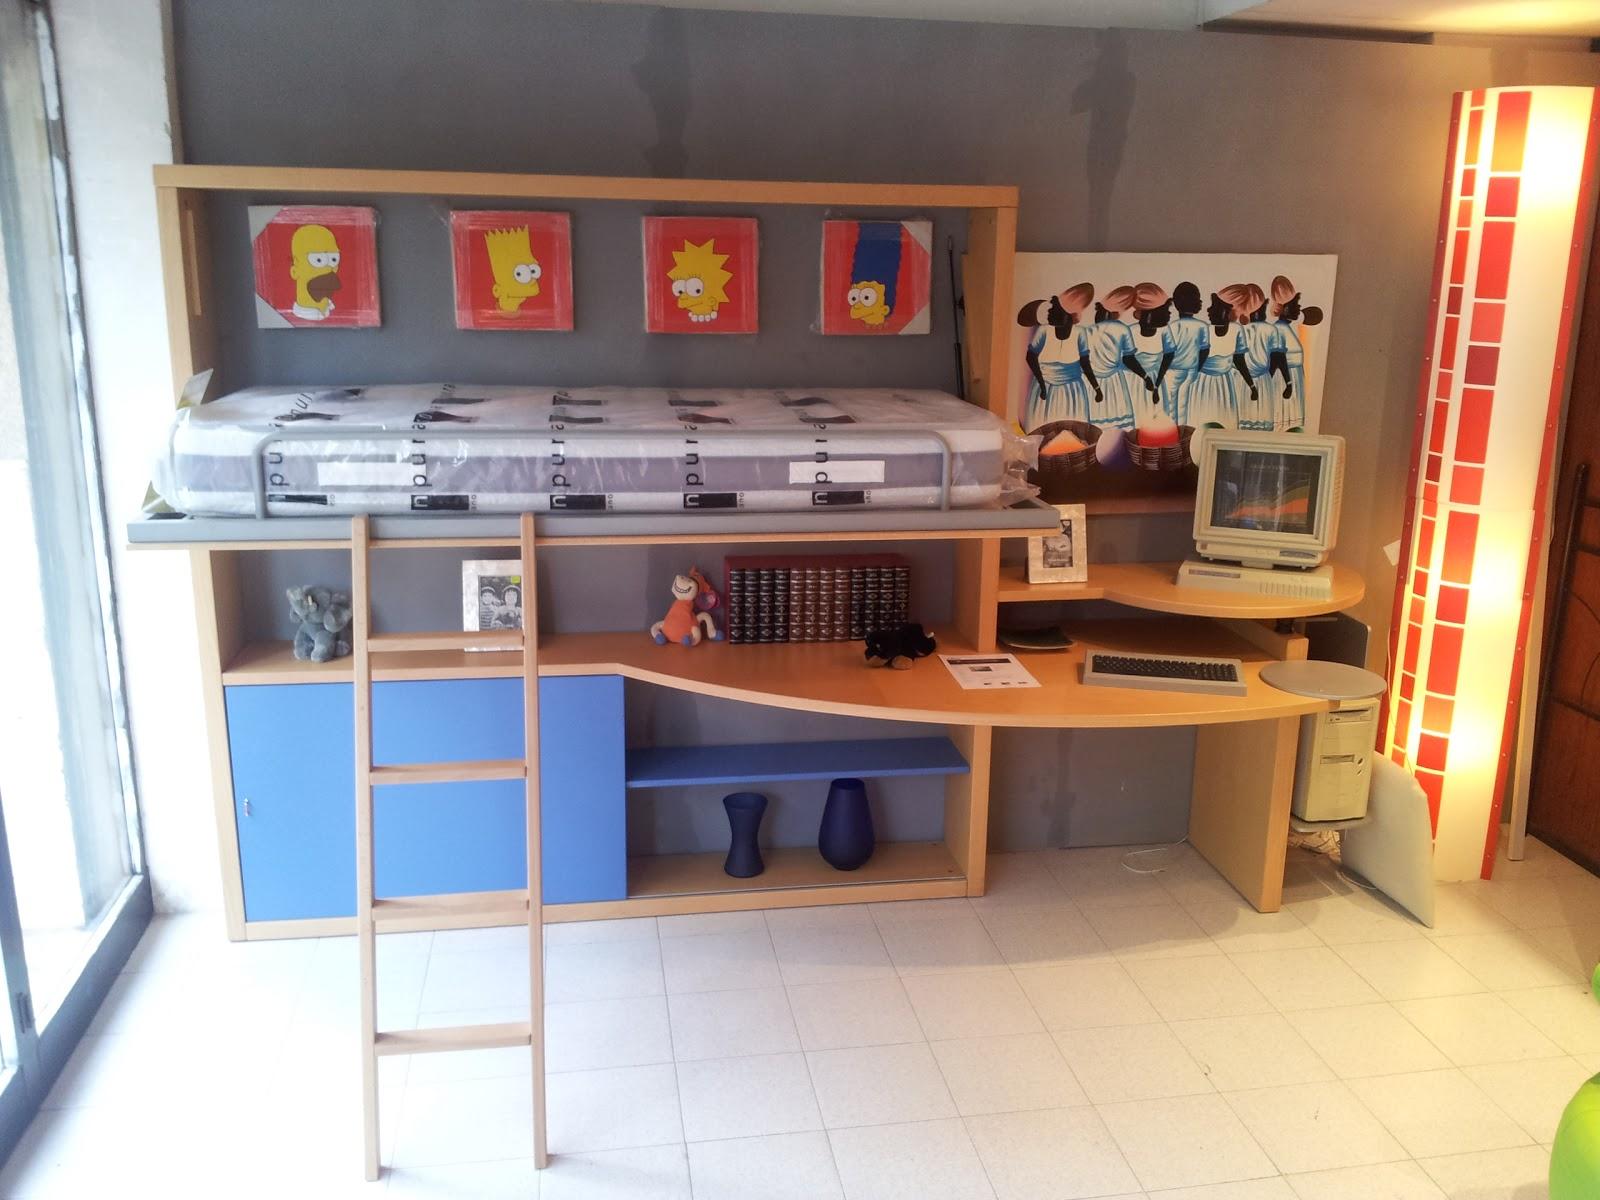 Liquidaci n cama plegable con escritorio por 499 00 muebles industria - Cama plegable escritorio ...